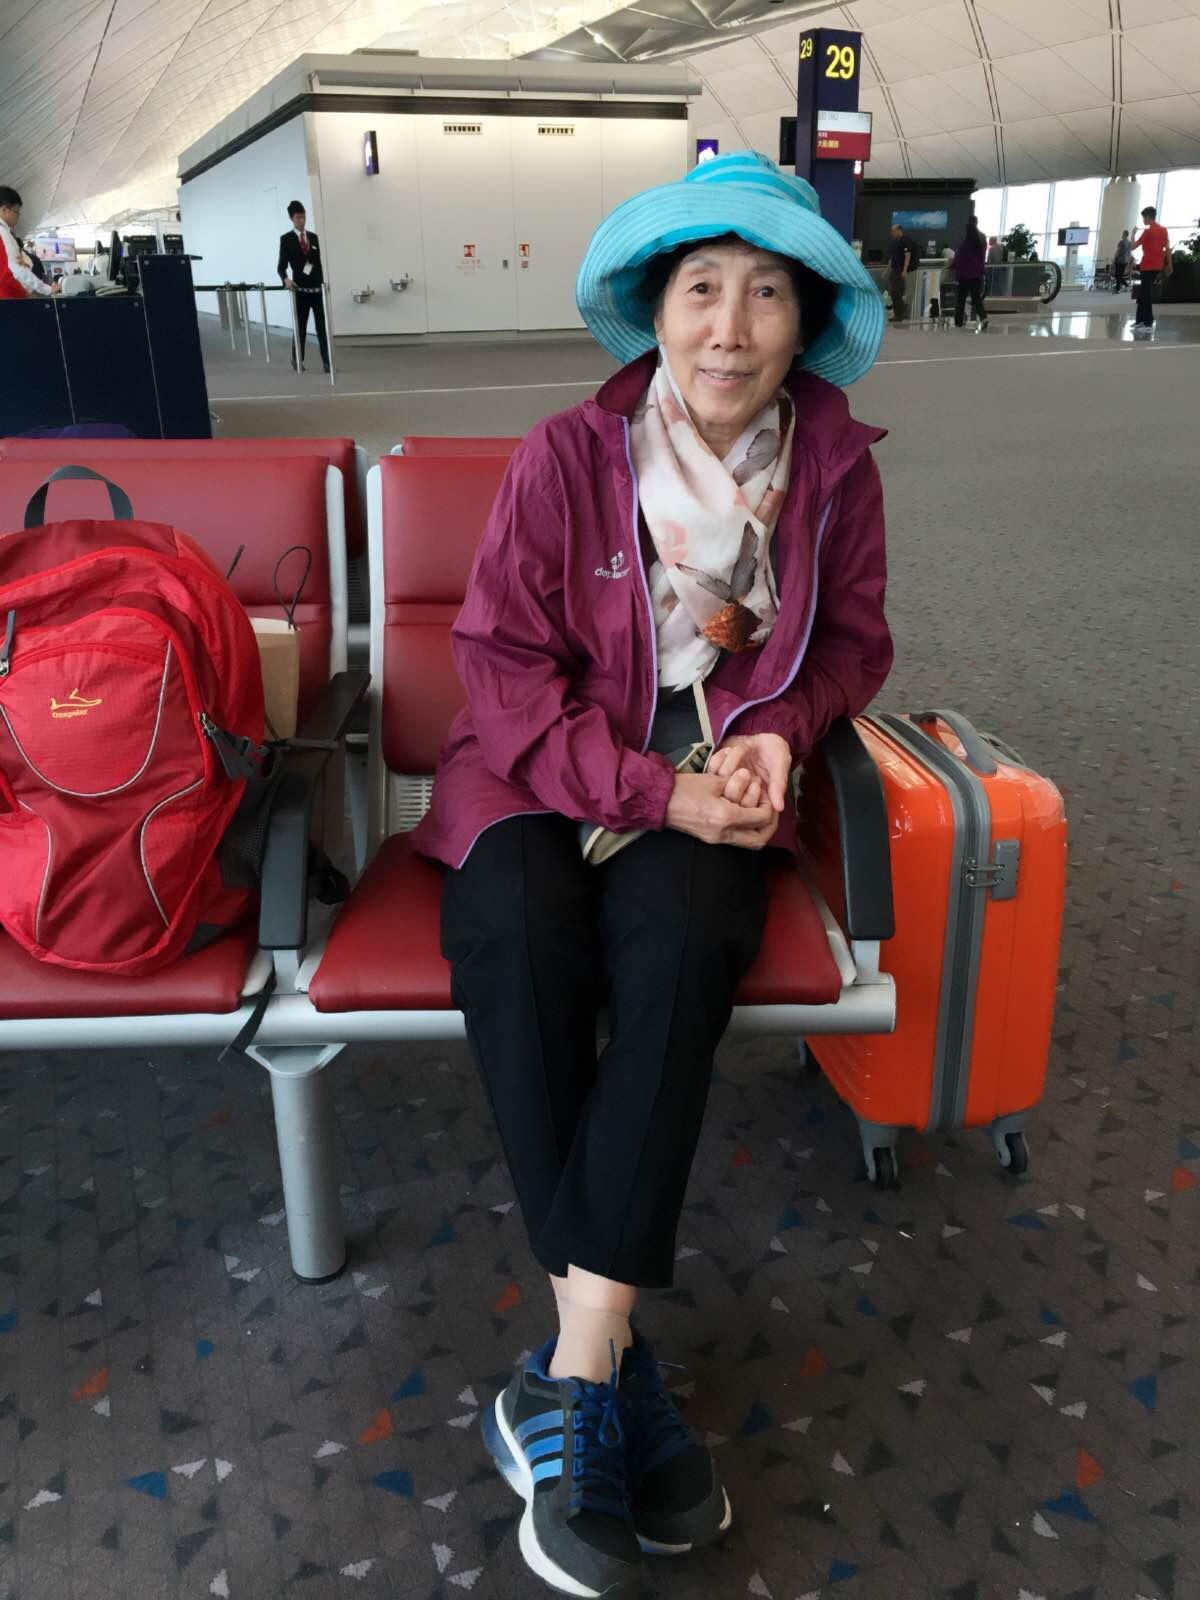 蛇口港的香港机场登机口办理行李托运